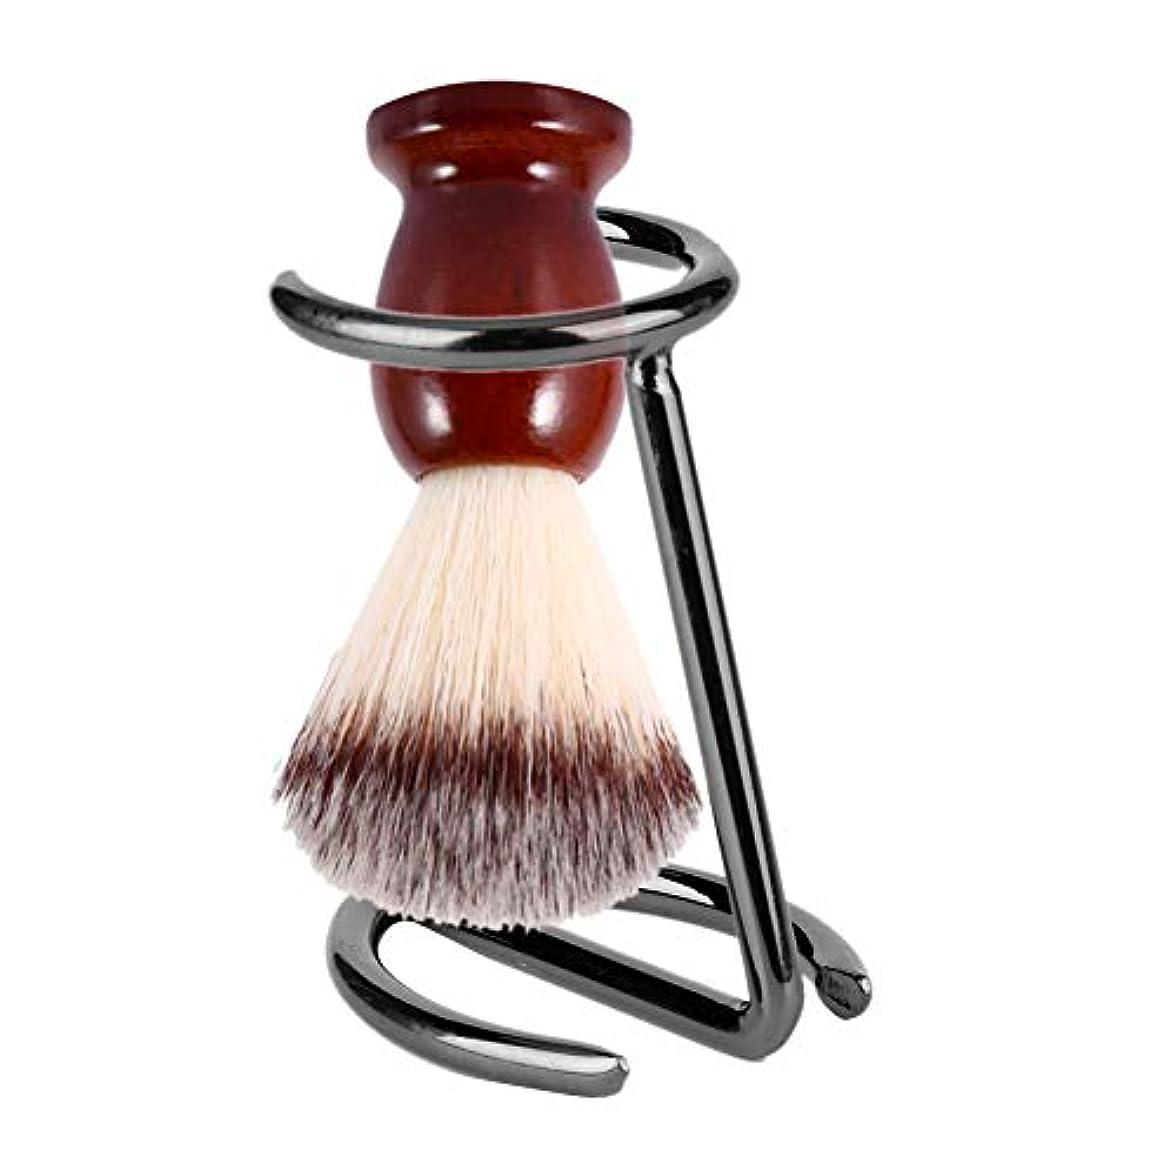 トリップ可決二年生剃毛ブラシスタンド、男性の剃毛ブラシステンレス鋼スタンドかみそりホルダーサロンホーム旅行用